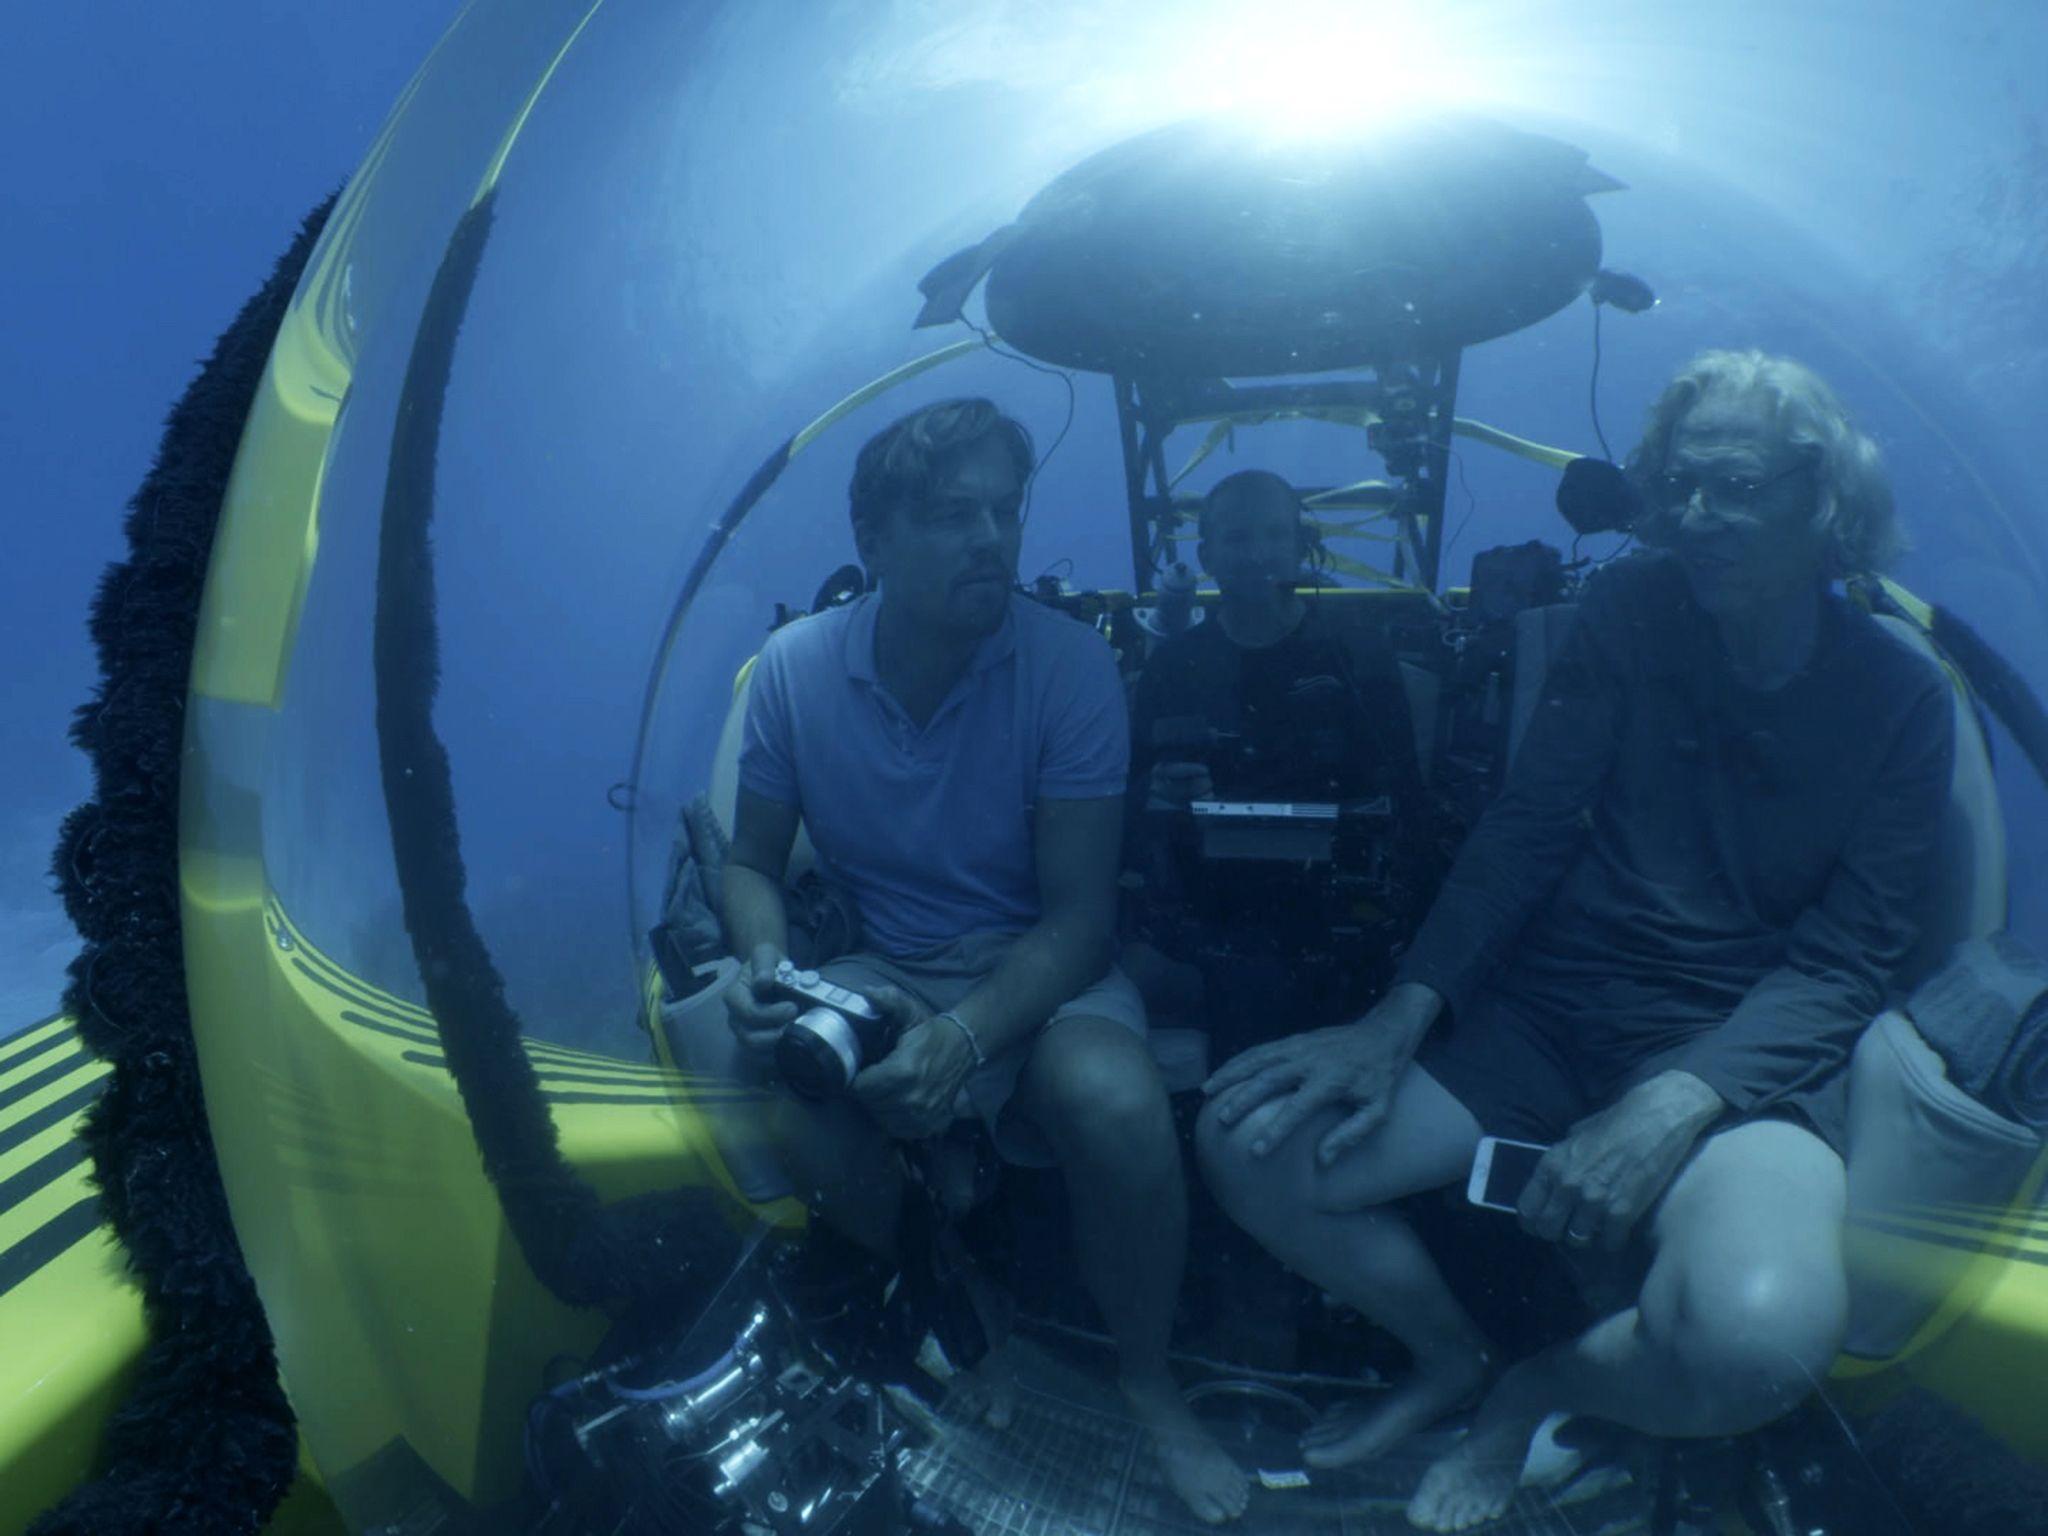 جزر الباهاما: يغوص ليوناردو مع جيرمي جاكسون للتحدث... [Photo of the day - أكتوبر 2016]